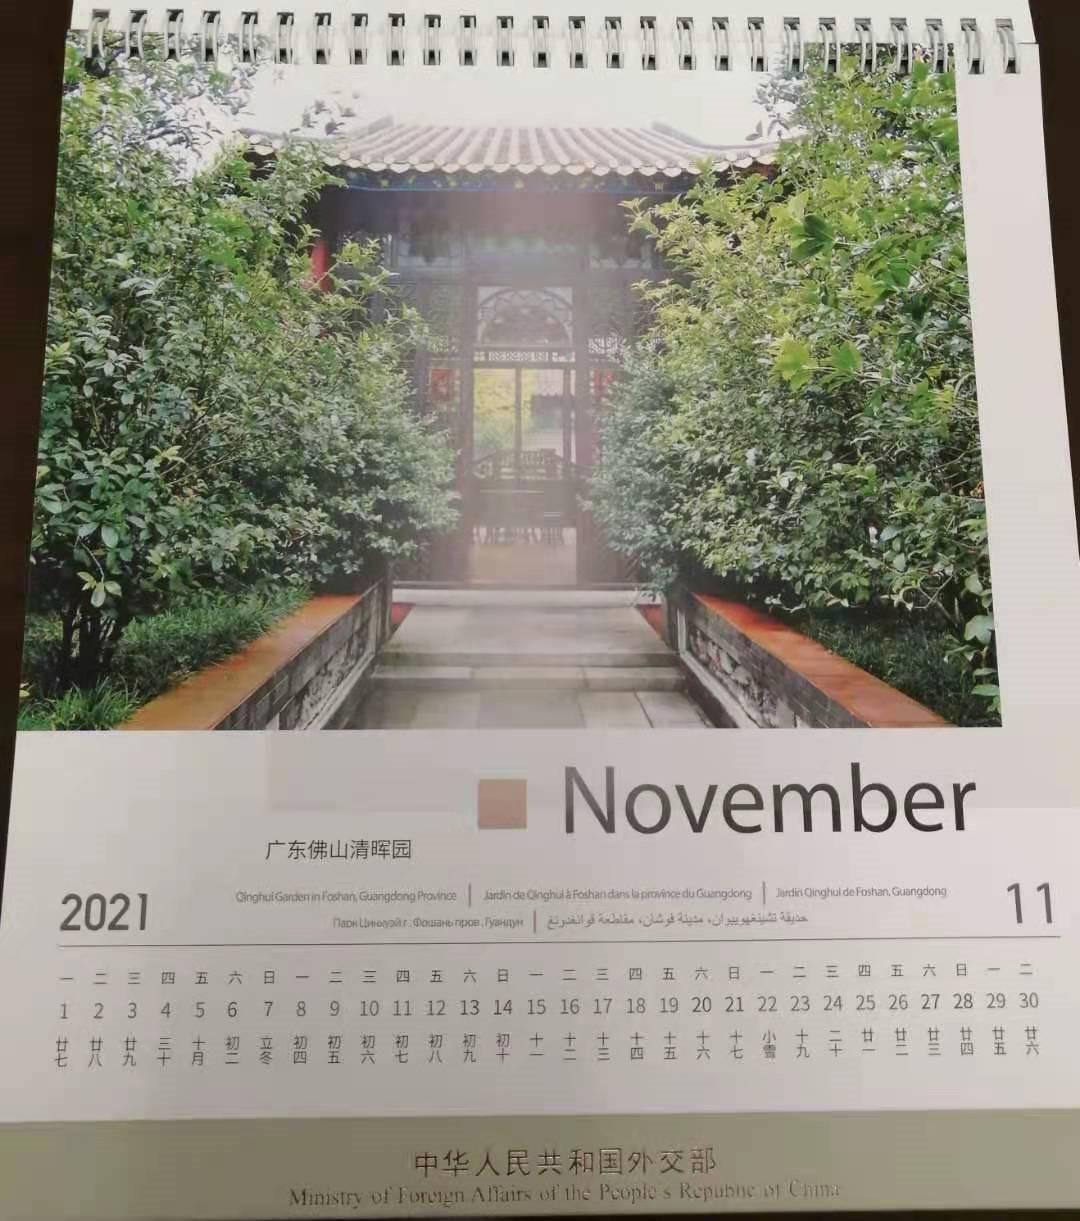 顺德清晖园亮相外交部台历 向全球展示岭南园林文化